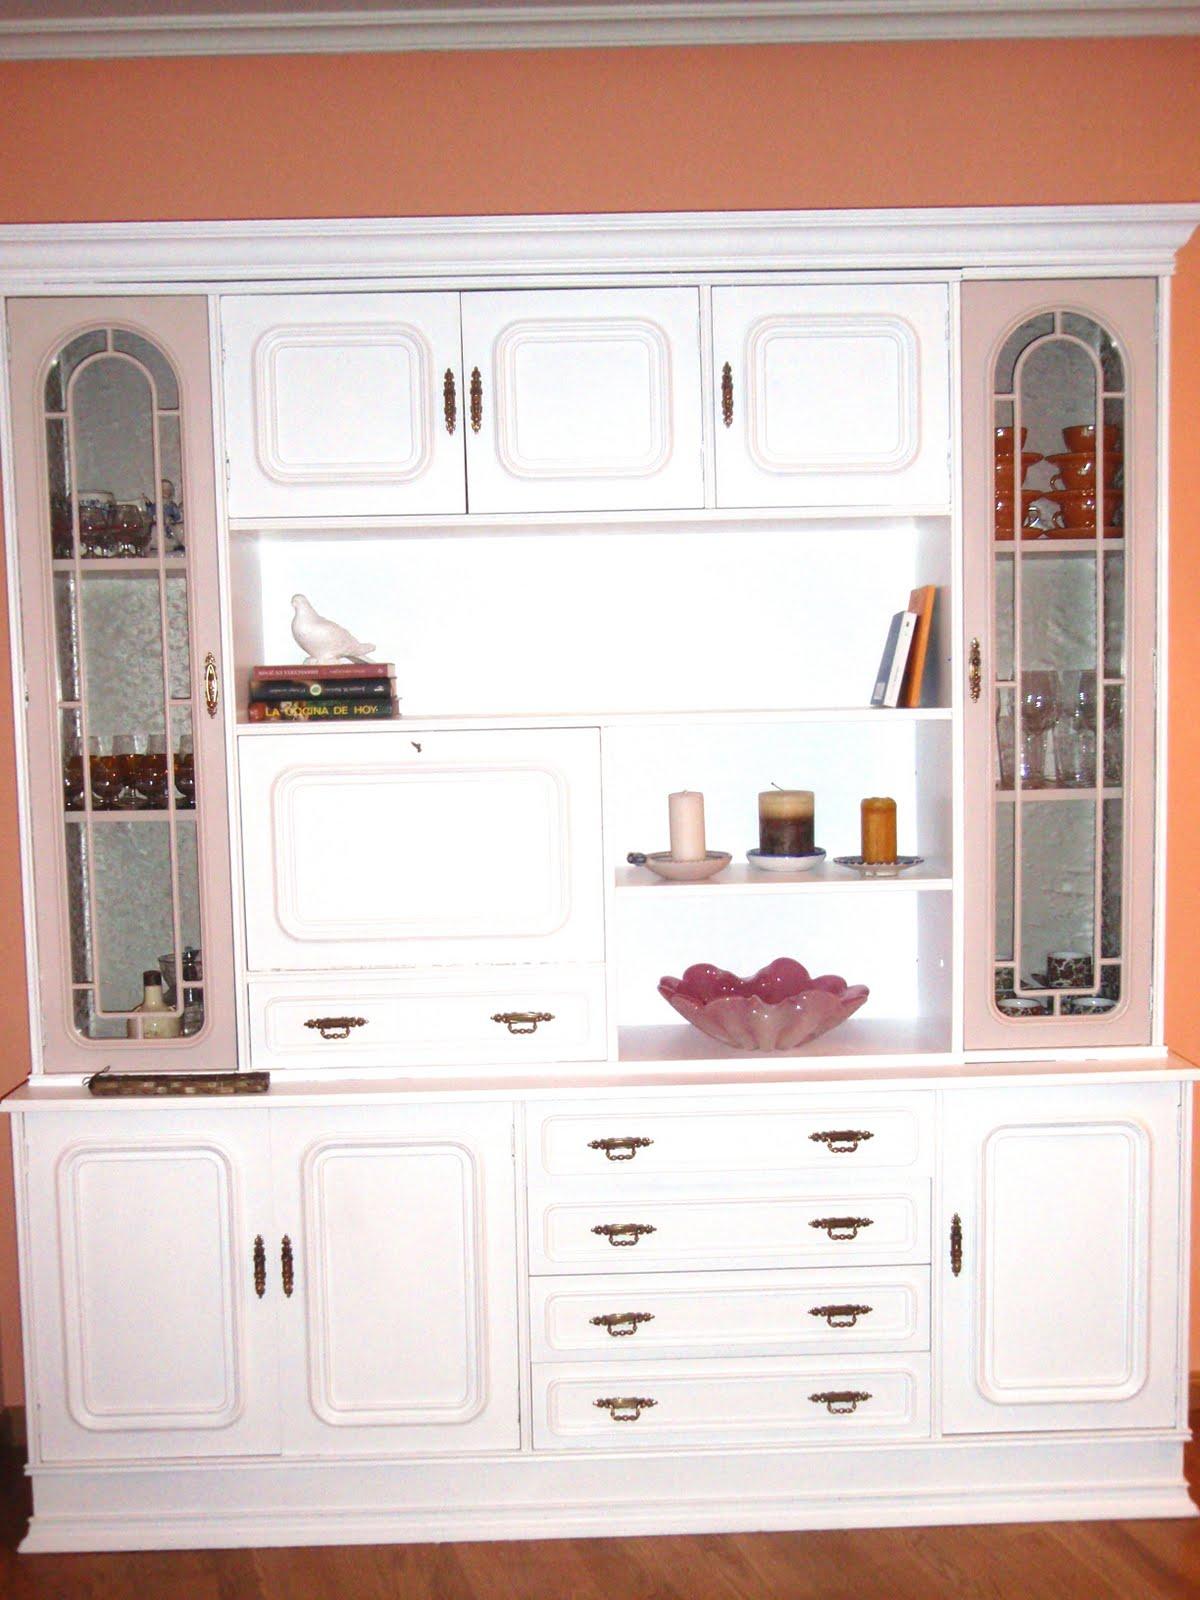 Naifandtastic decoraci n craft hecho a mano - Muebles pintados en blanco ...